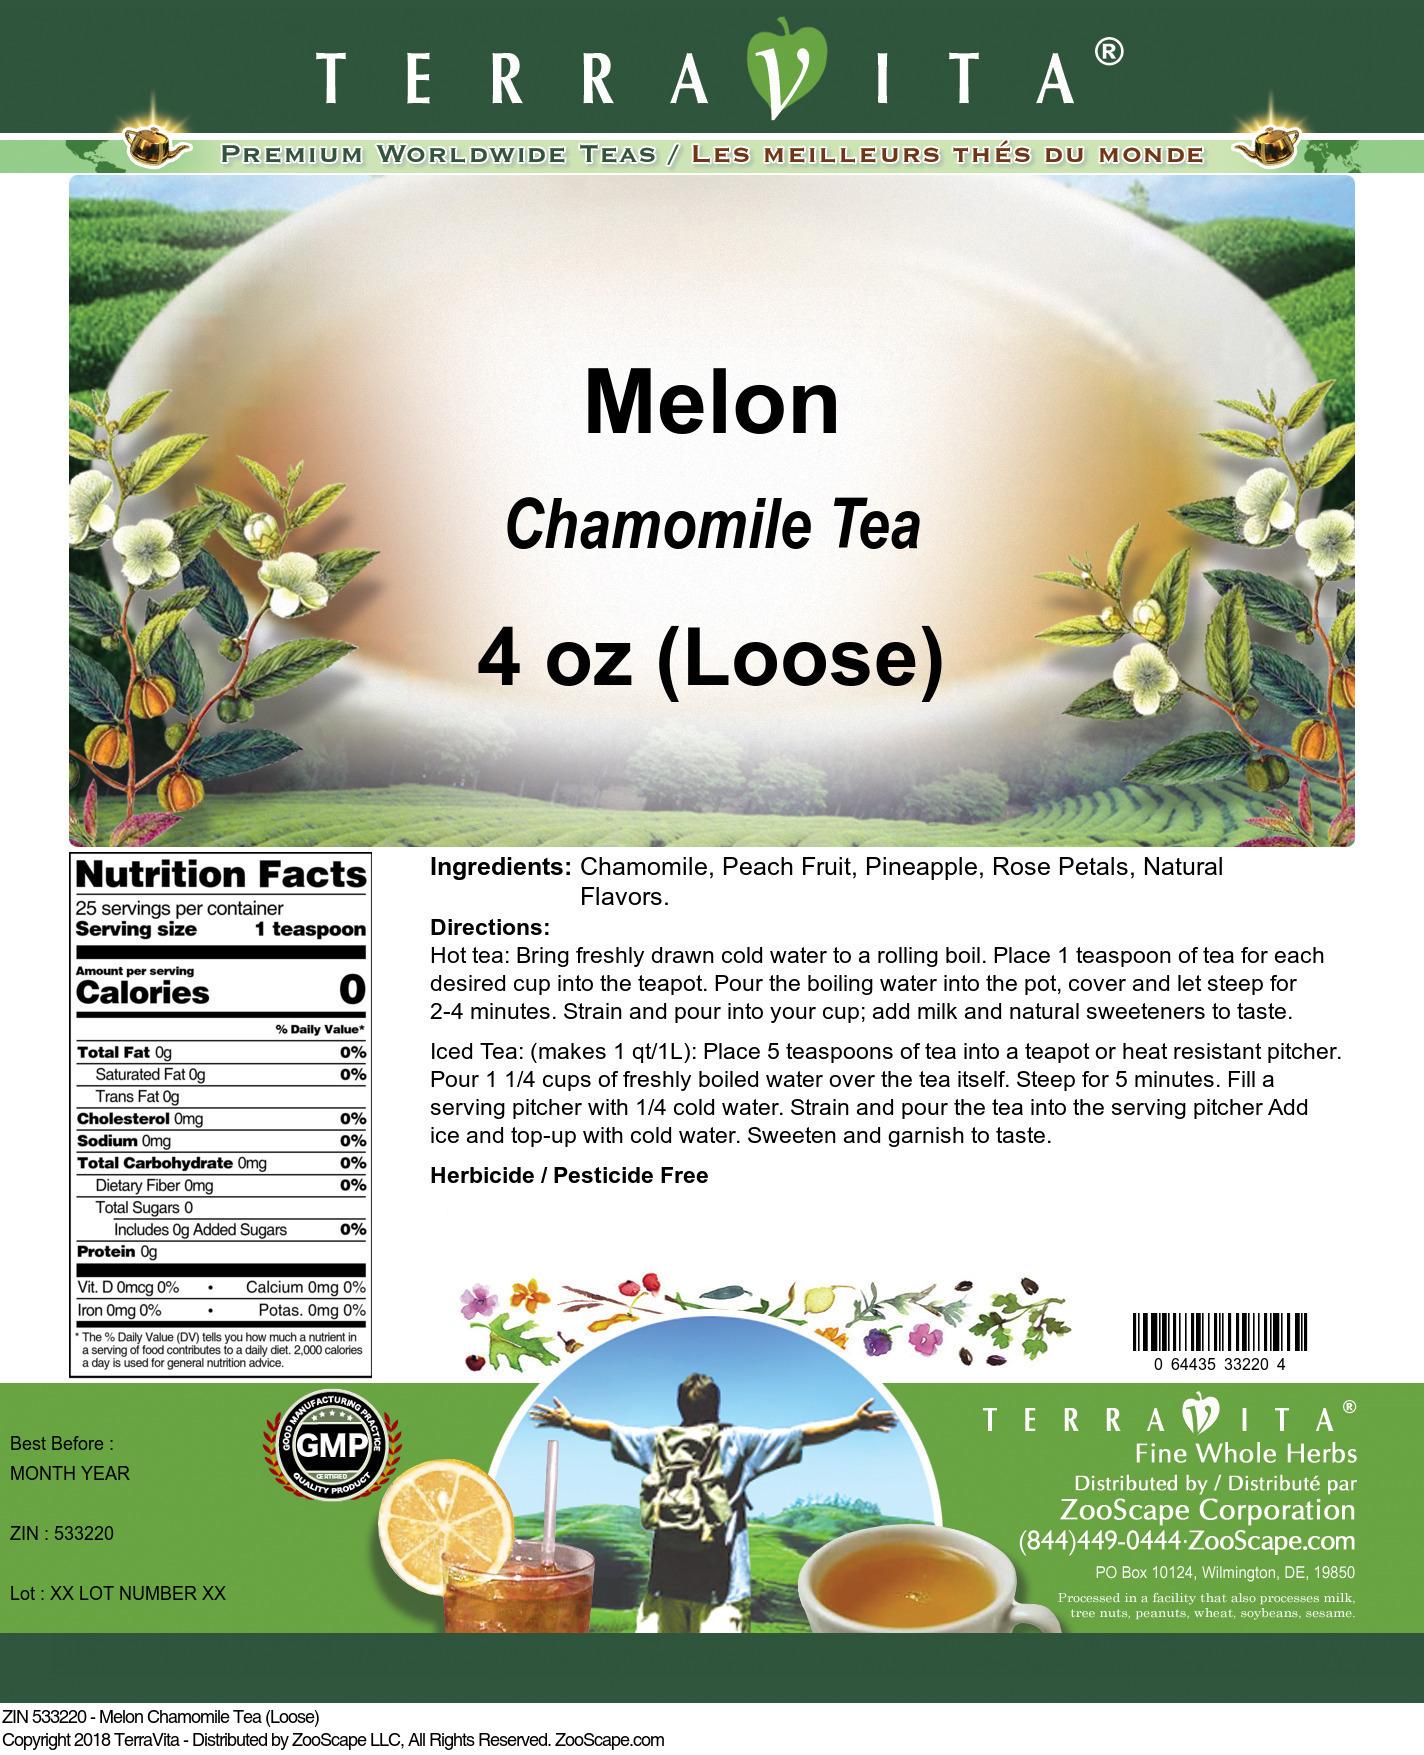 Melon Chamomile Tea (Loose)